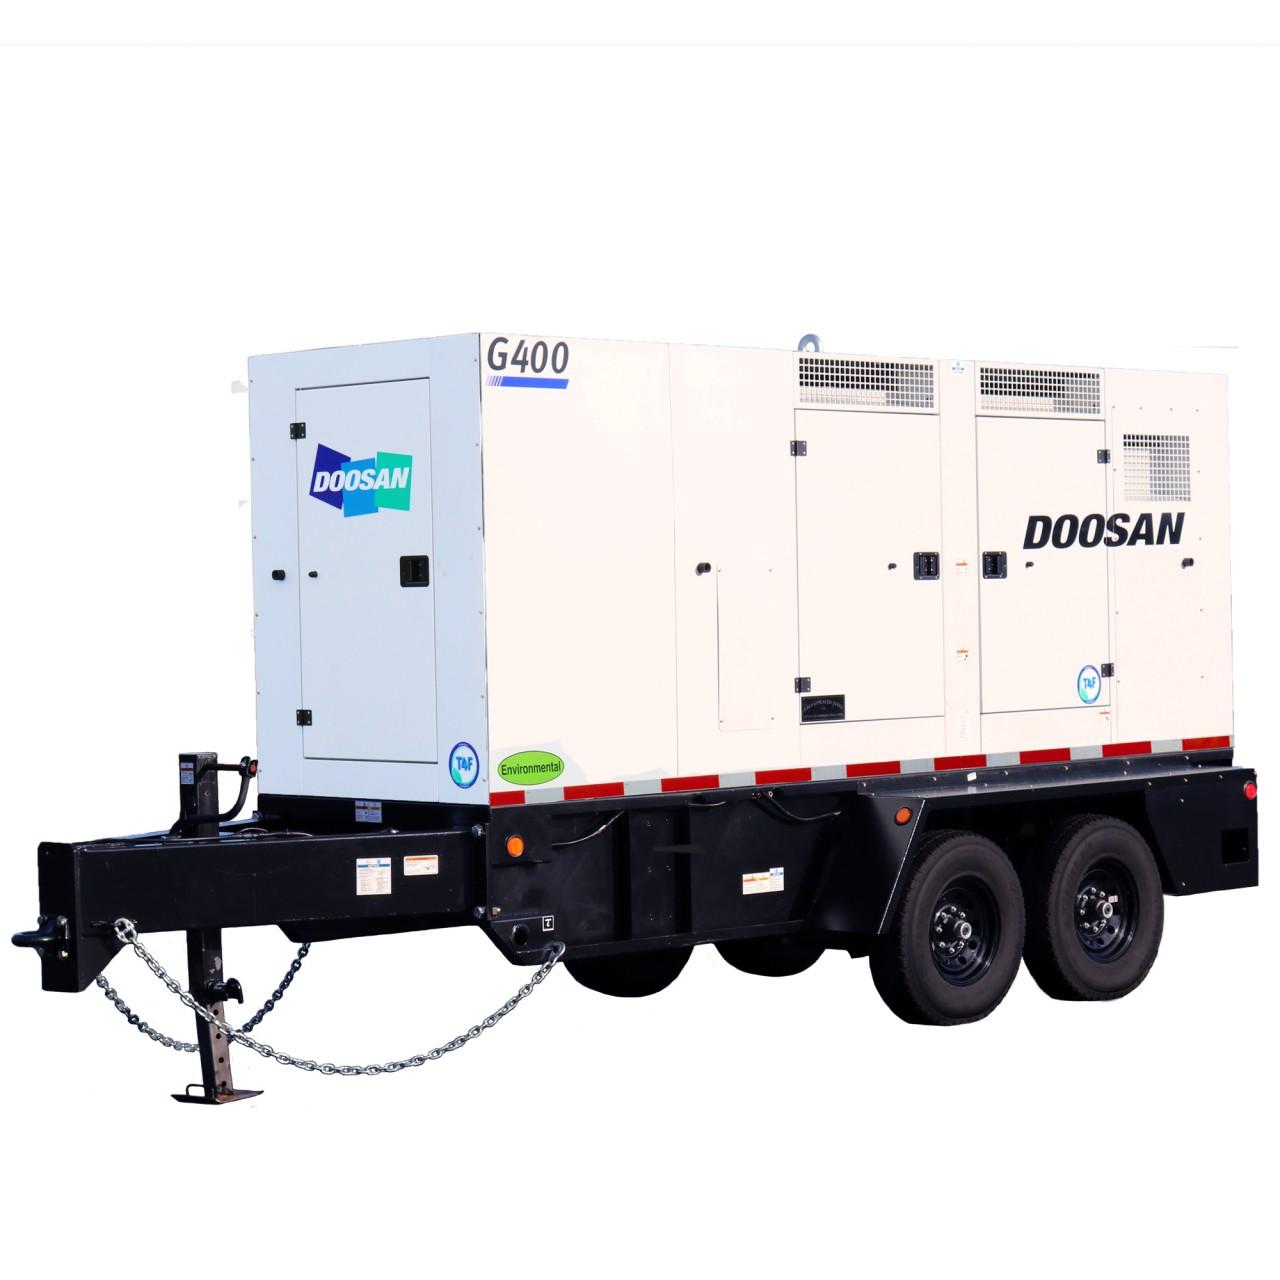 Doosan G400 Generator (322kW)